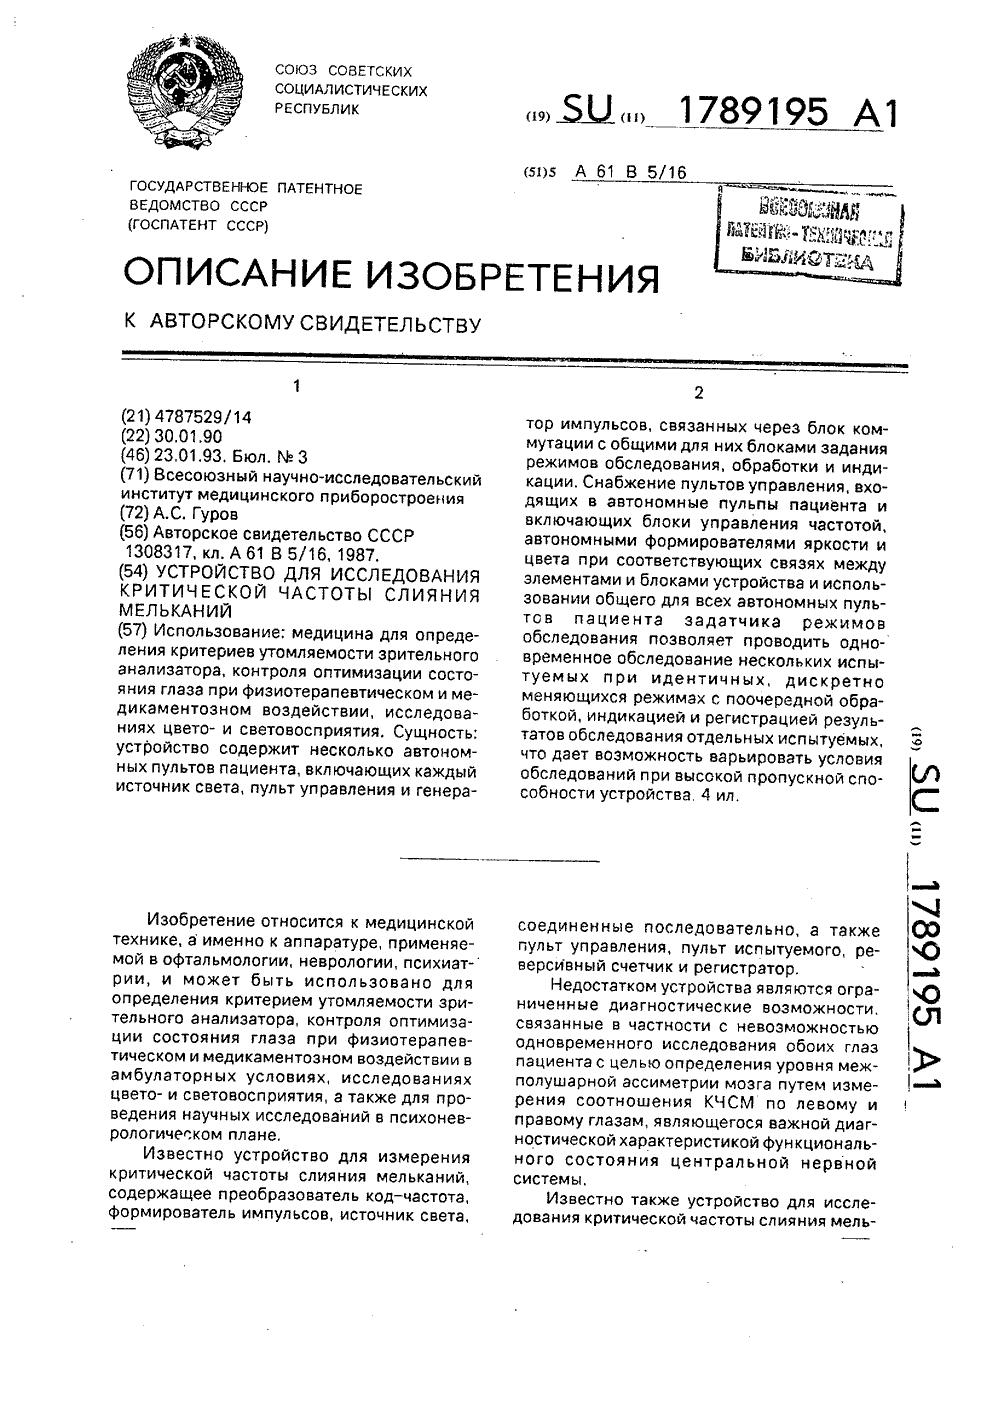 лавинно-пролётный диод схема замещения